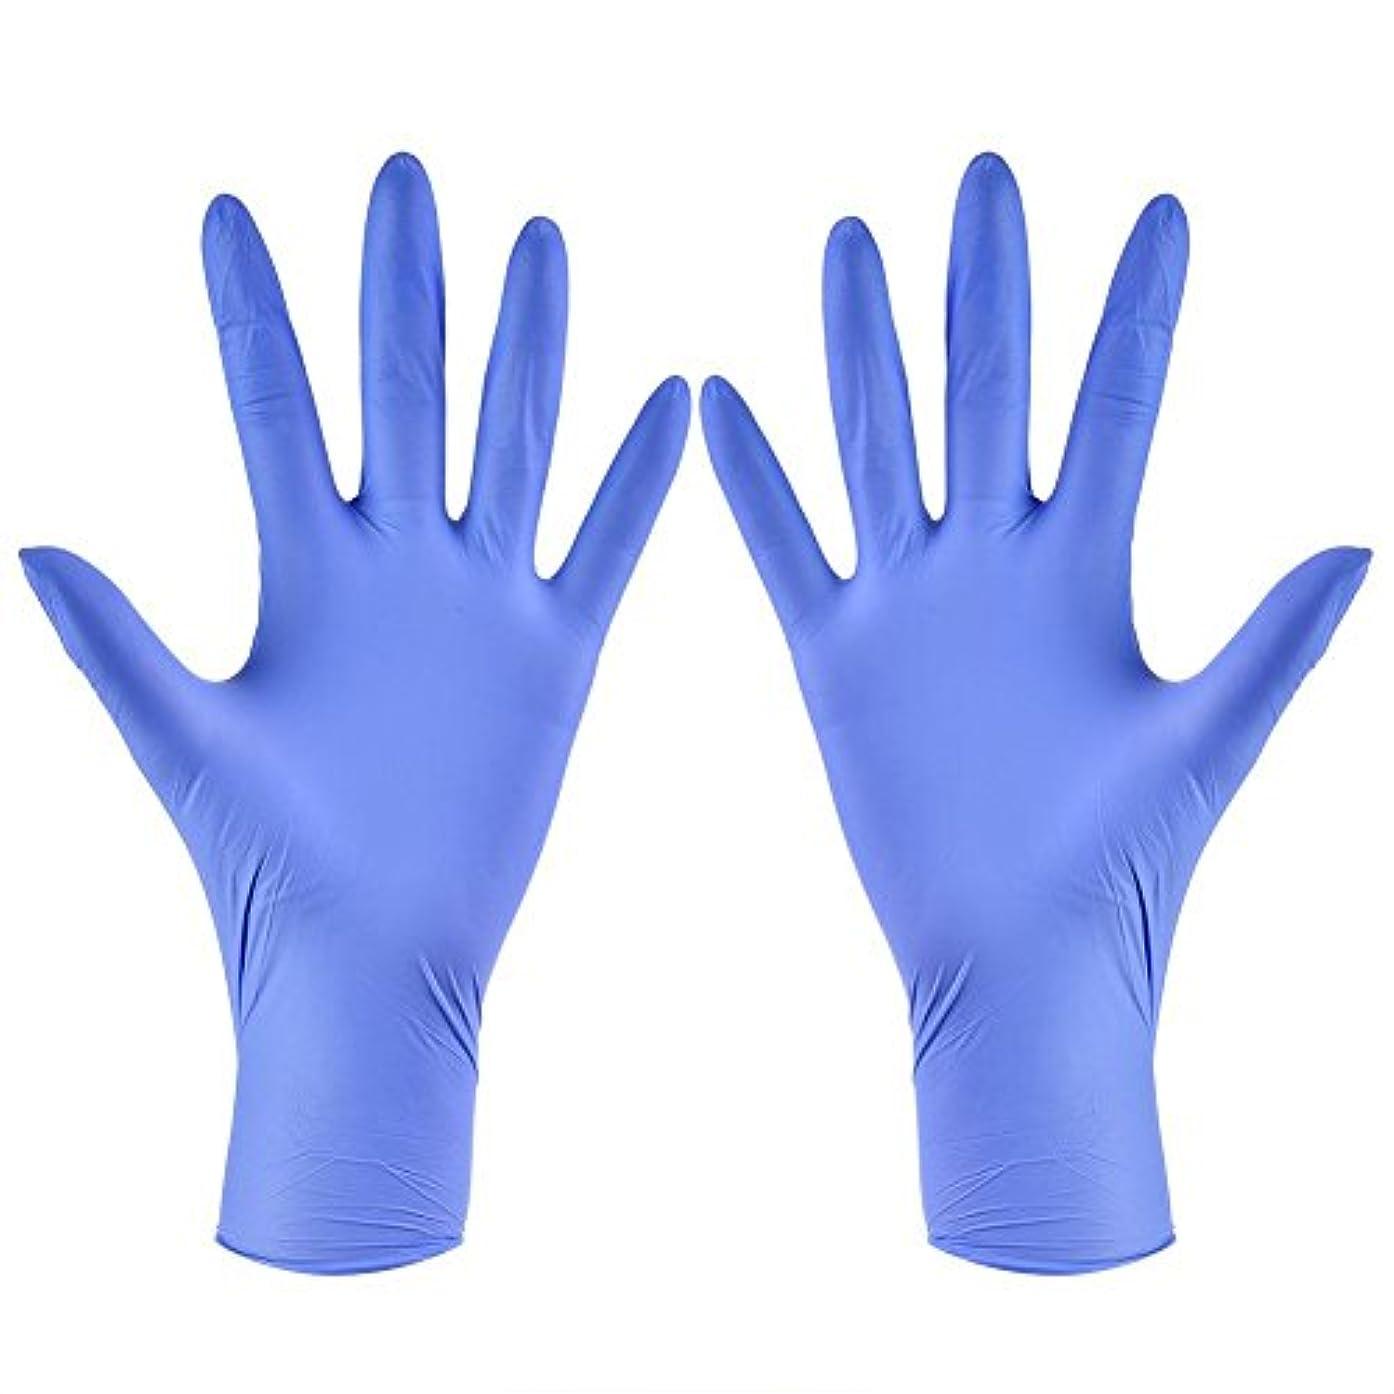 本宿題独特の使い捨て手袋 ニトリルグローブ ホワイト 粉なし タトゥー/歯科/病院/研究室に適応 S/M/L/XL選択可 100枚 左右兼用(XL)